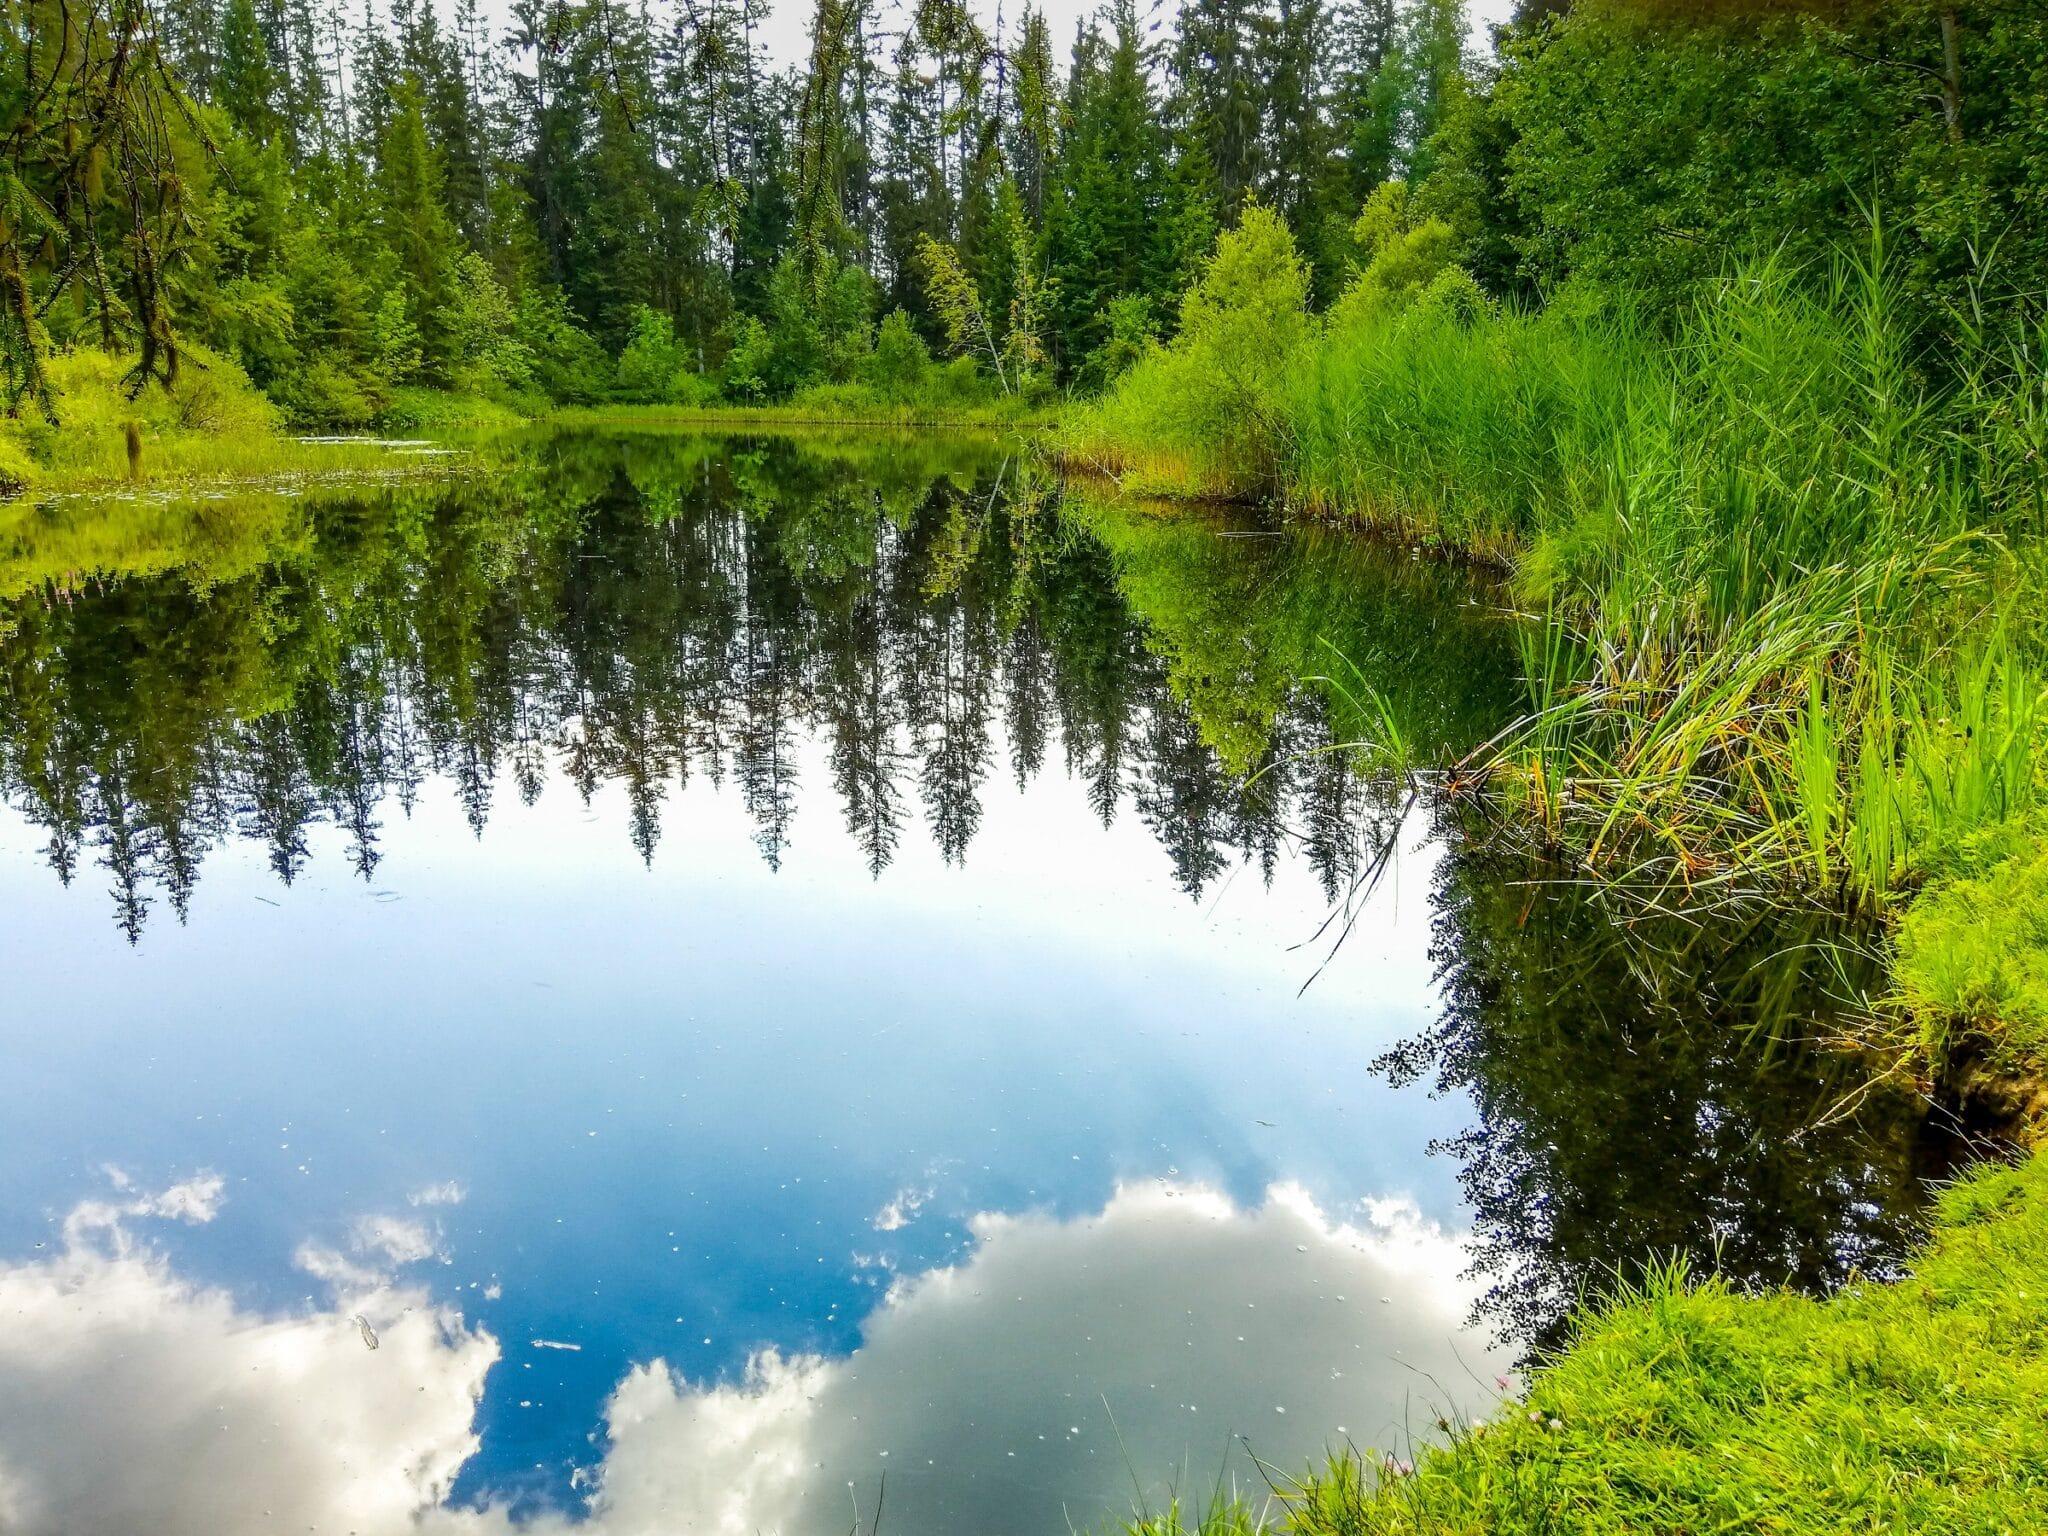 Ein See umgeben von Wäldern. Beim Waldbaden sieht man manch schönes Bild und das Bild zeigt: Grün ist nicht gleich grün